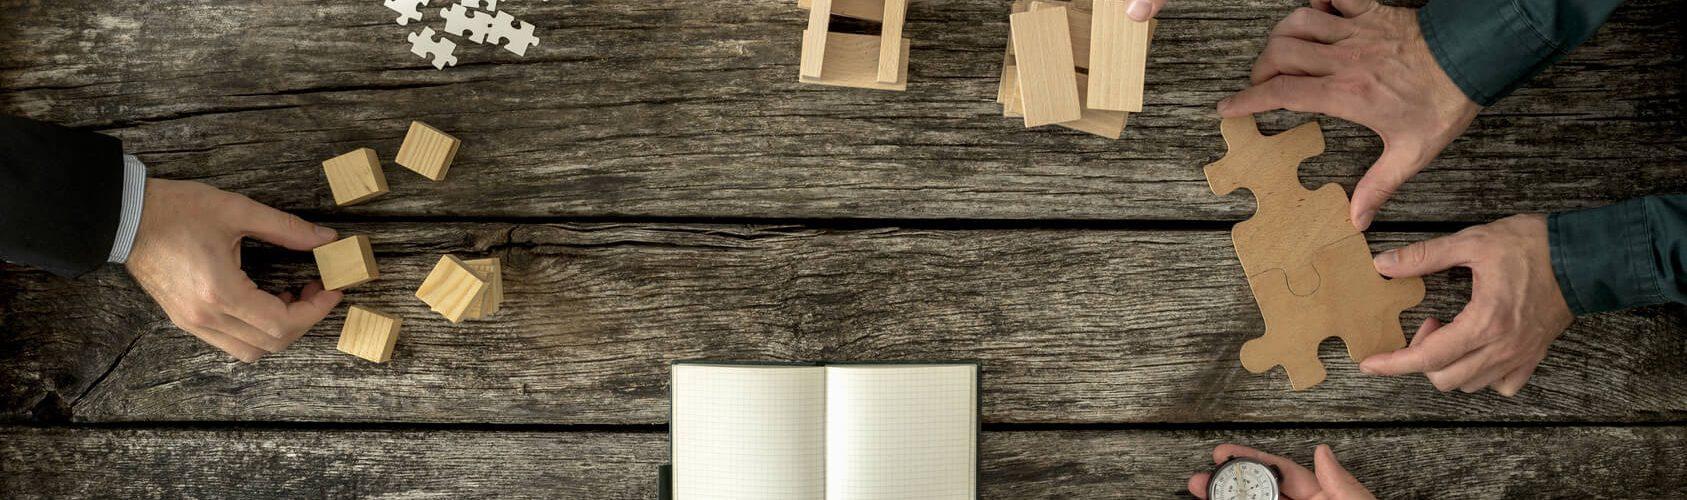 Inhaltlicher Aufbau eines Anschreibens: verschiedene Bausteine werden zusammengefügt